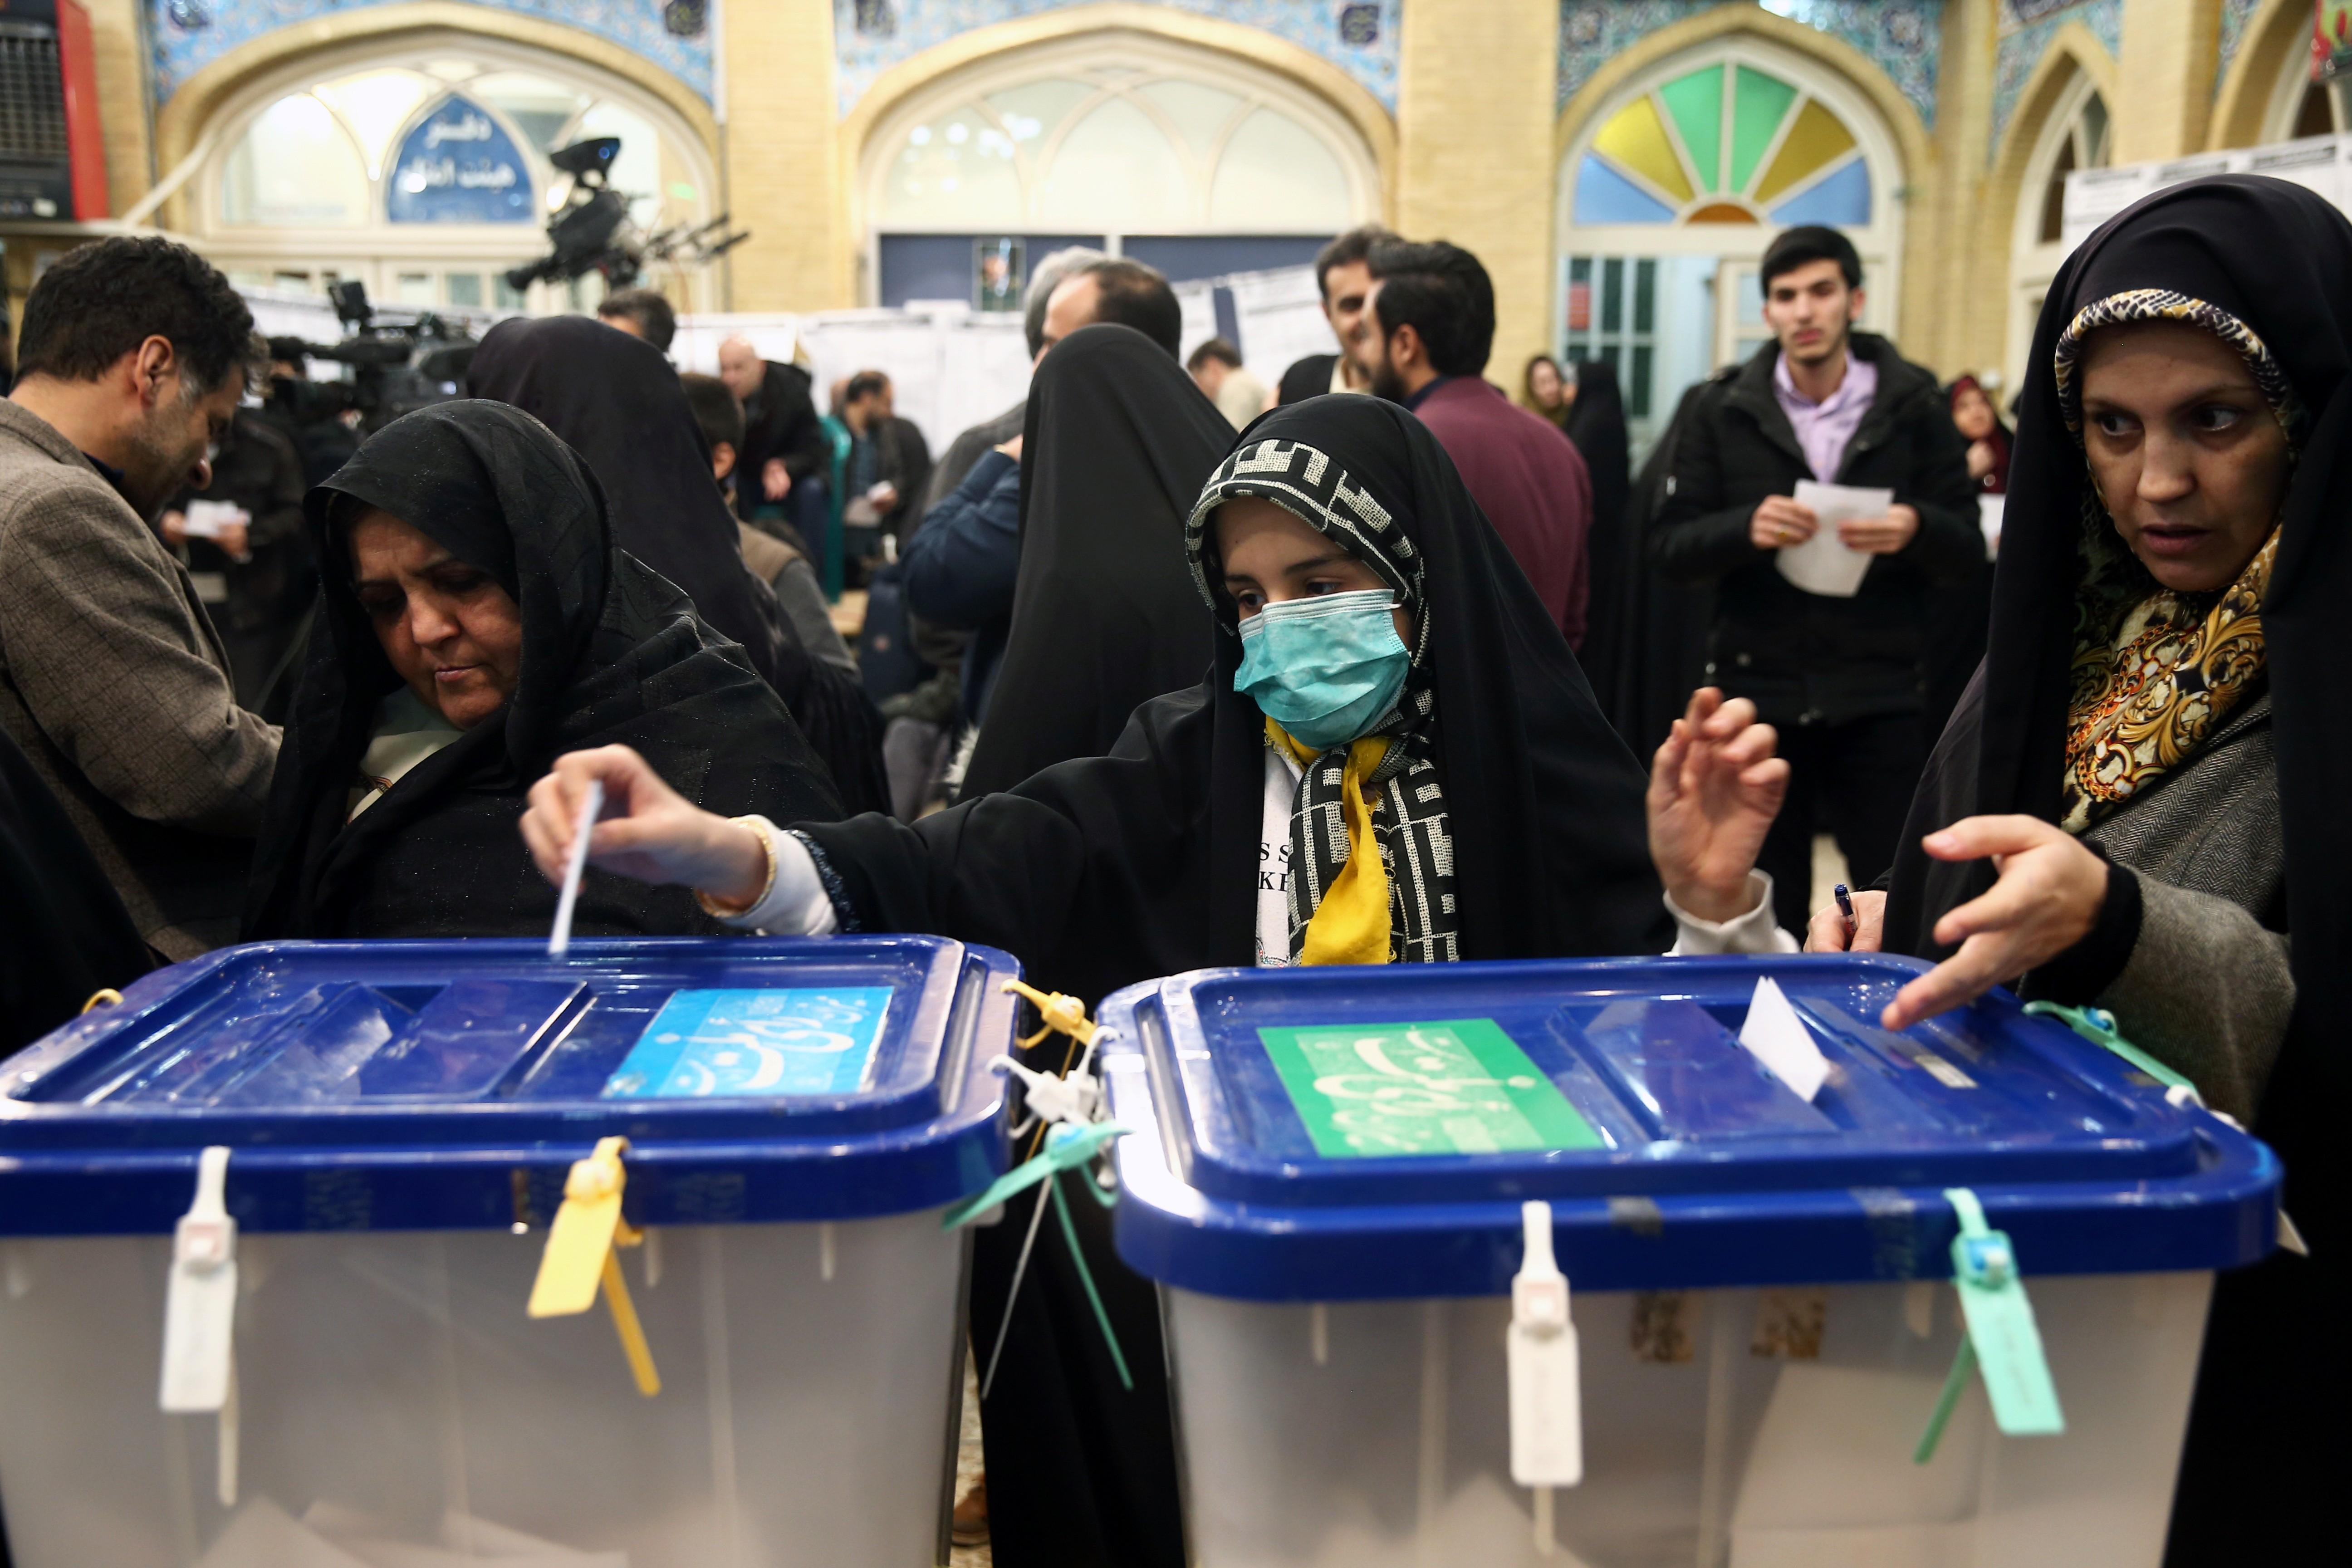 Irã se torna o país com mais mortes por coronavírus depois da China